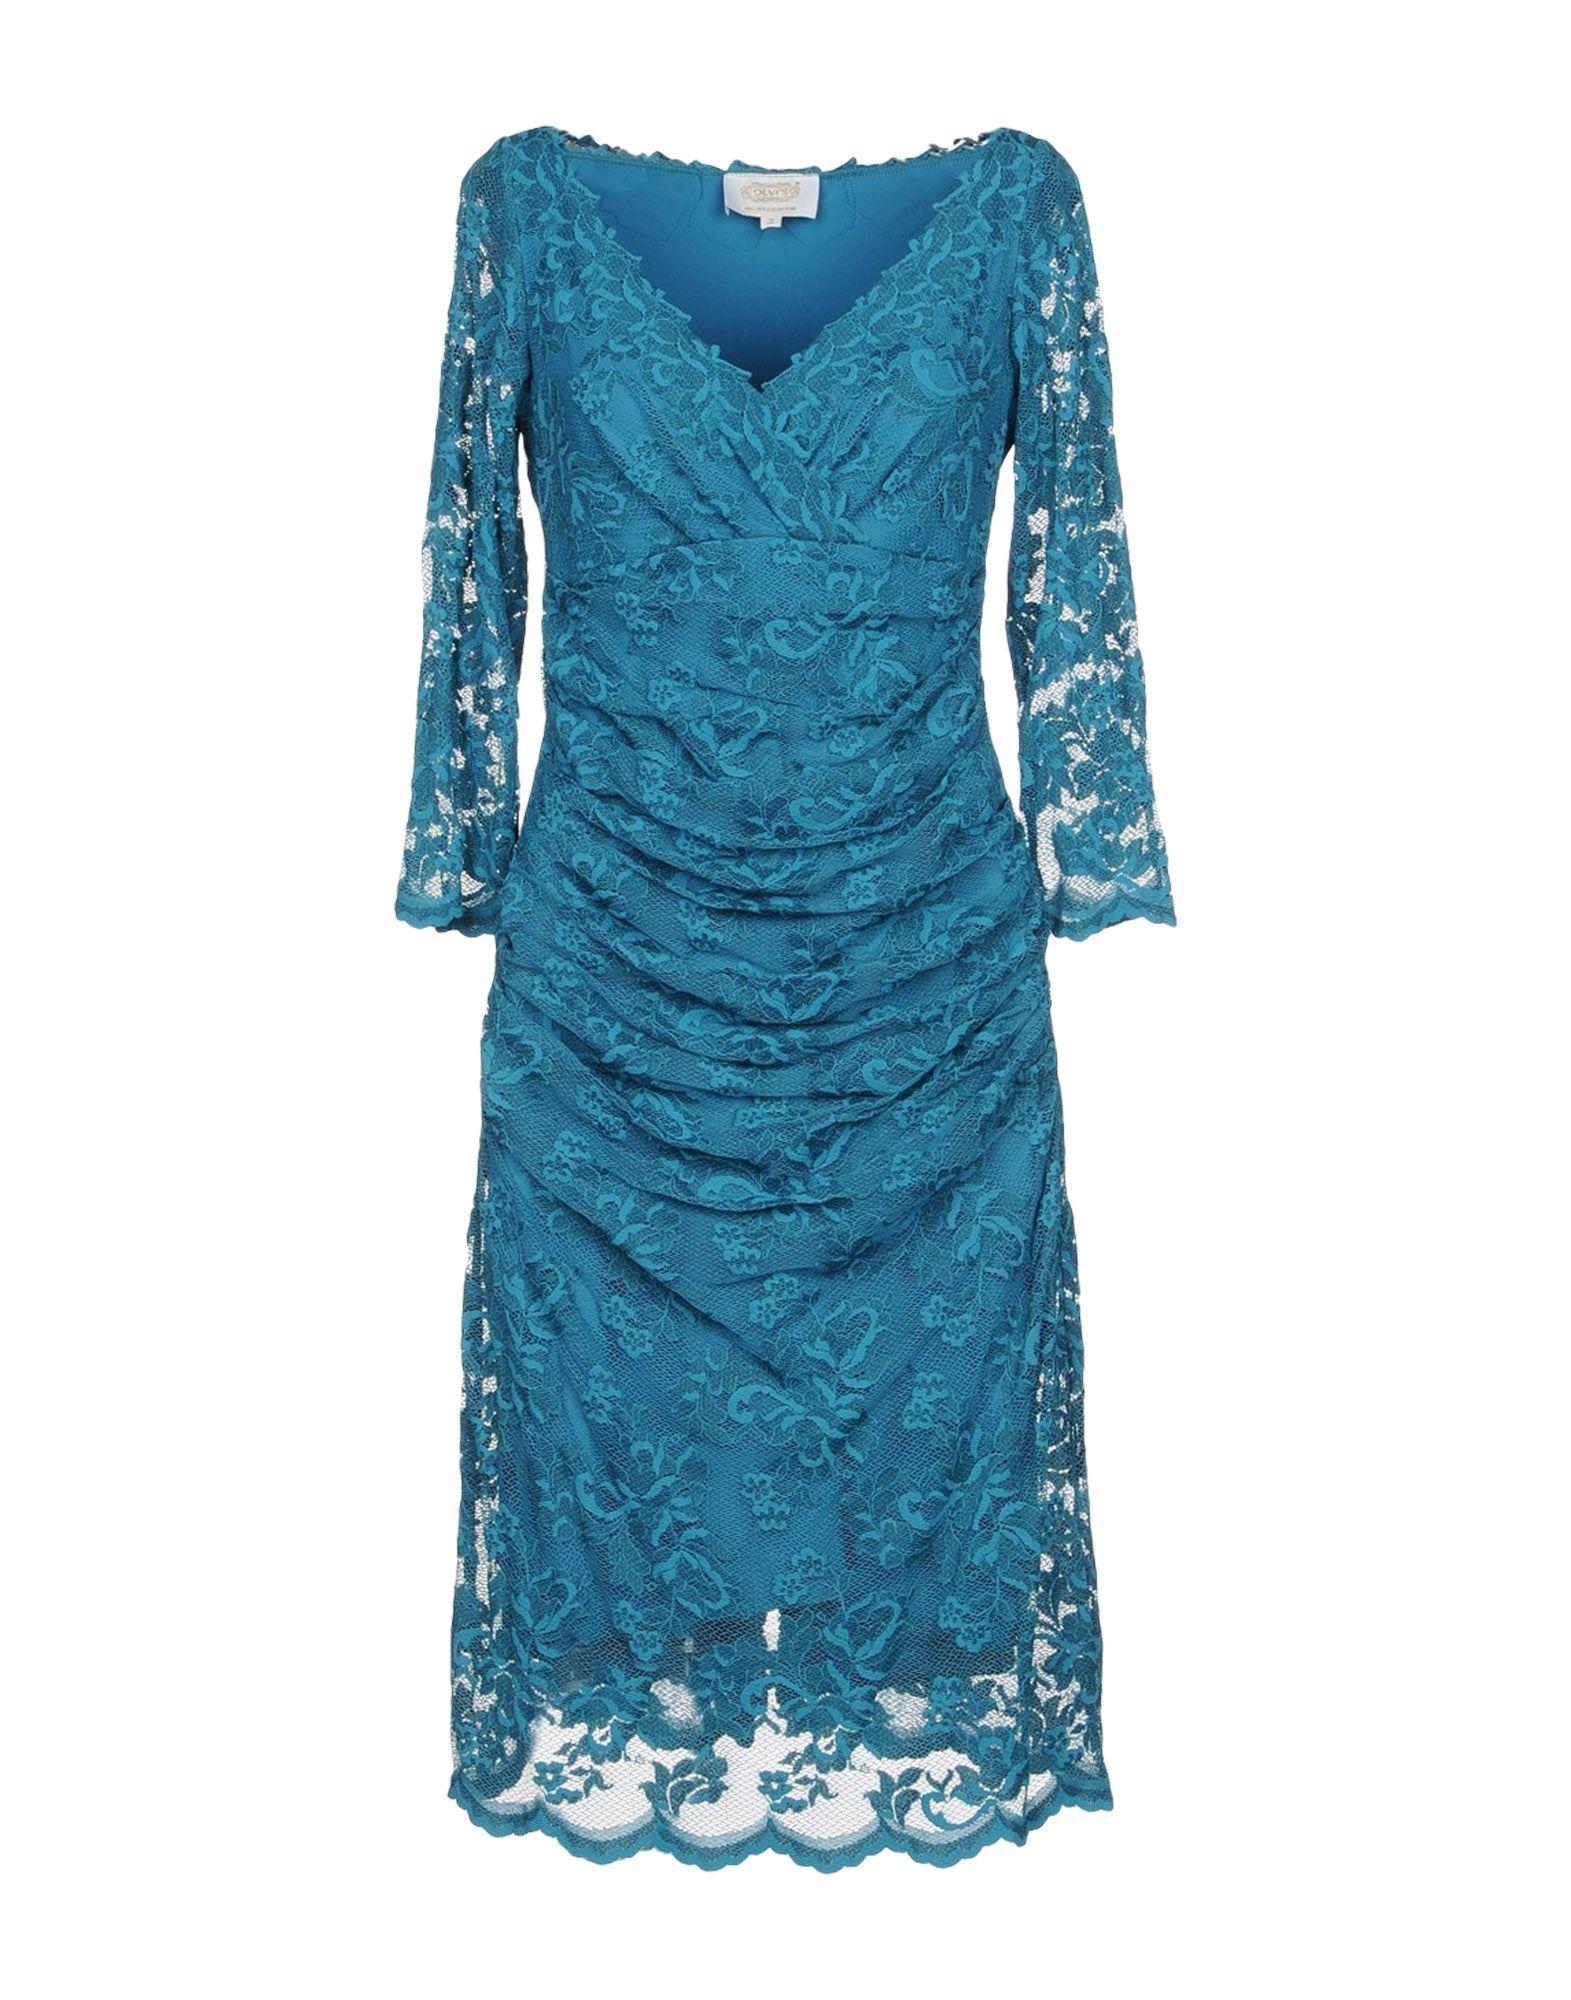 OLVI S Knee-Length Dress in Turquoise